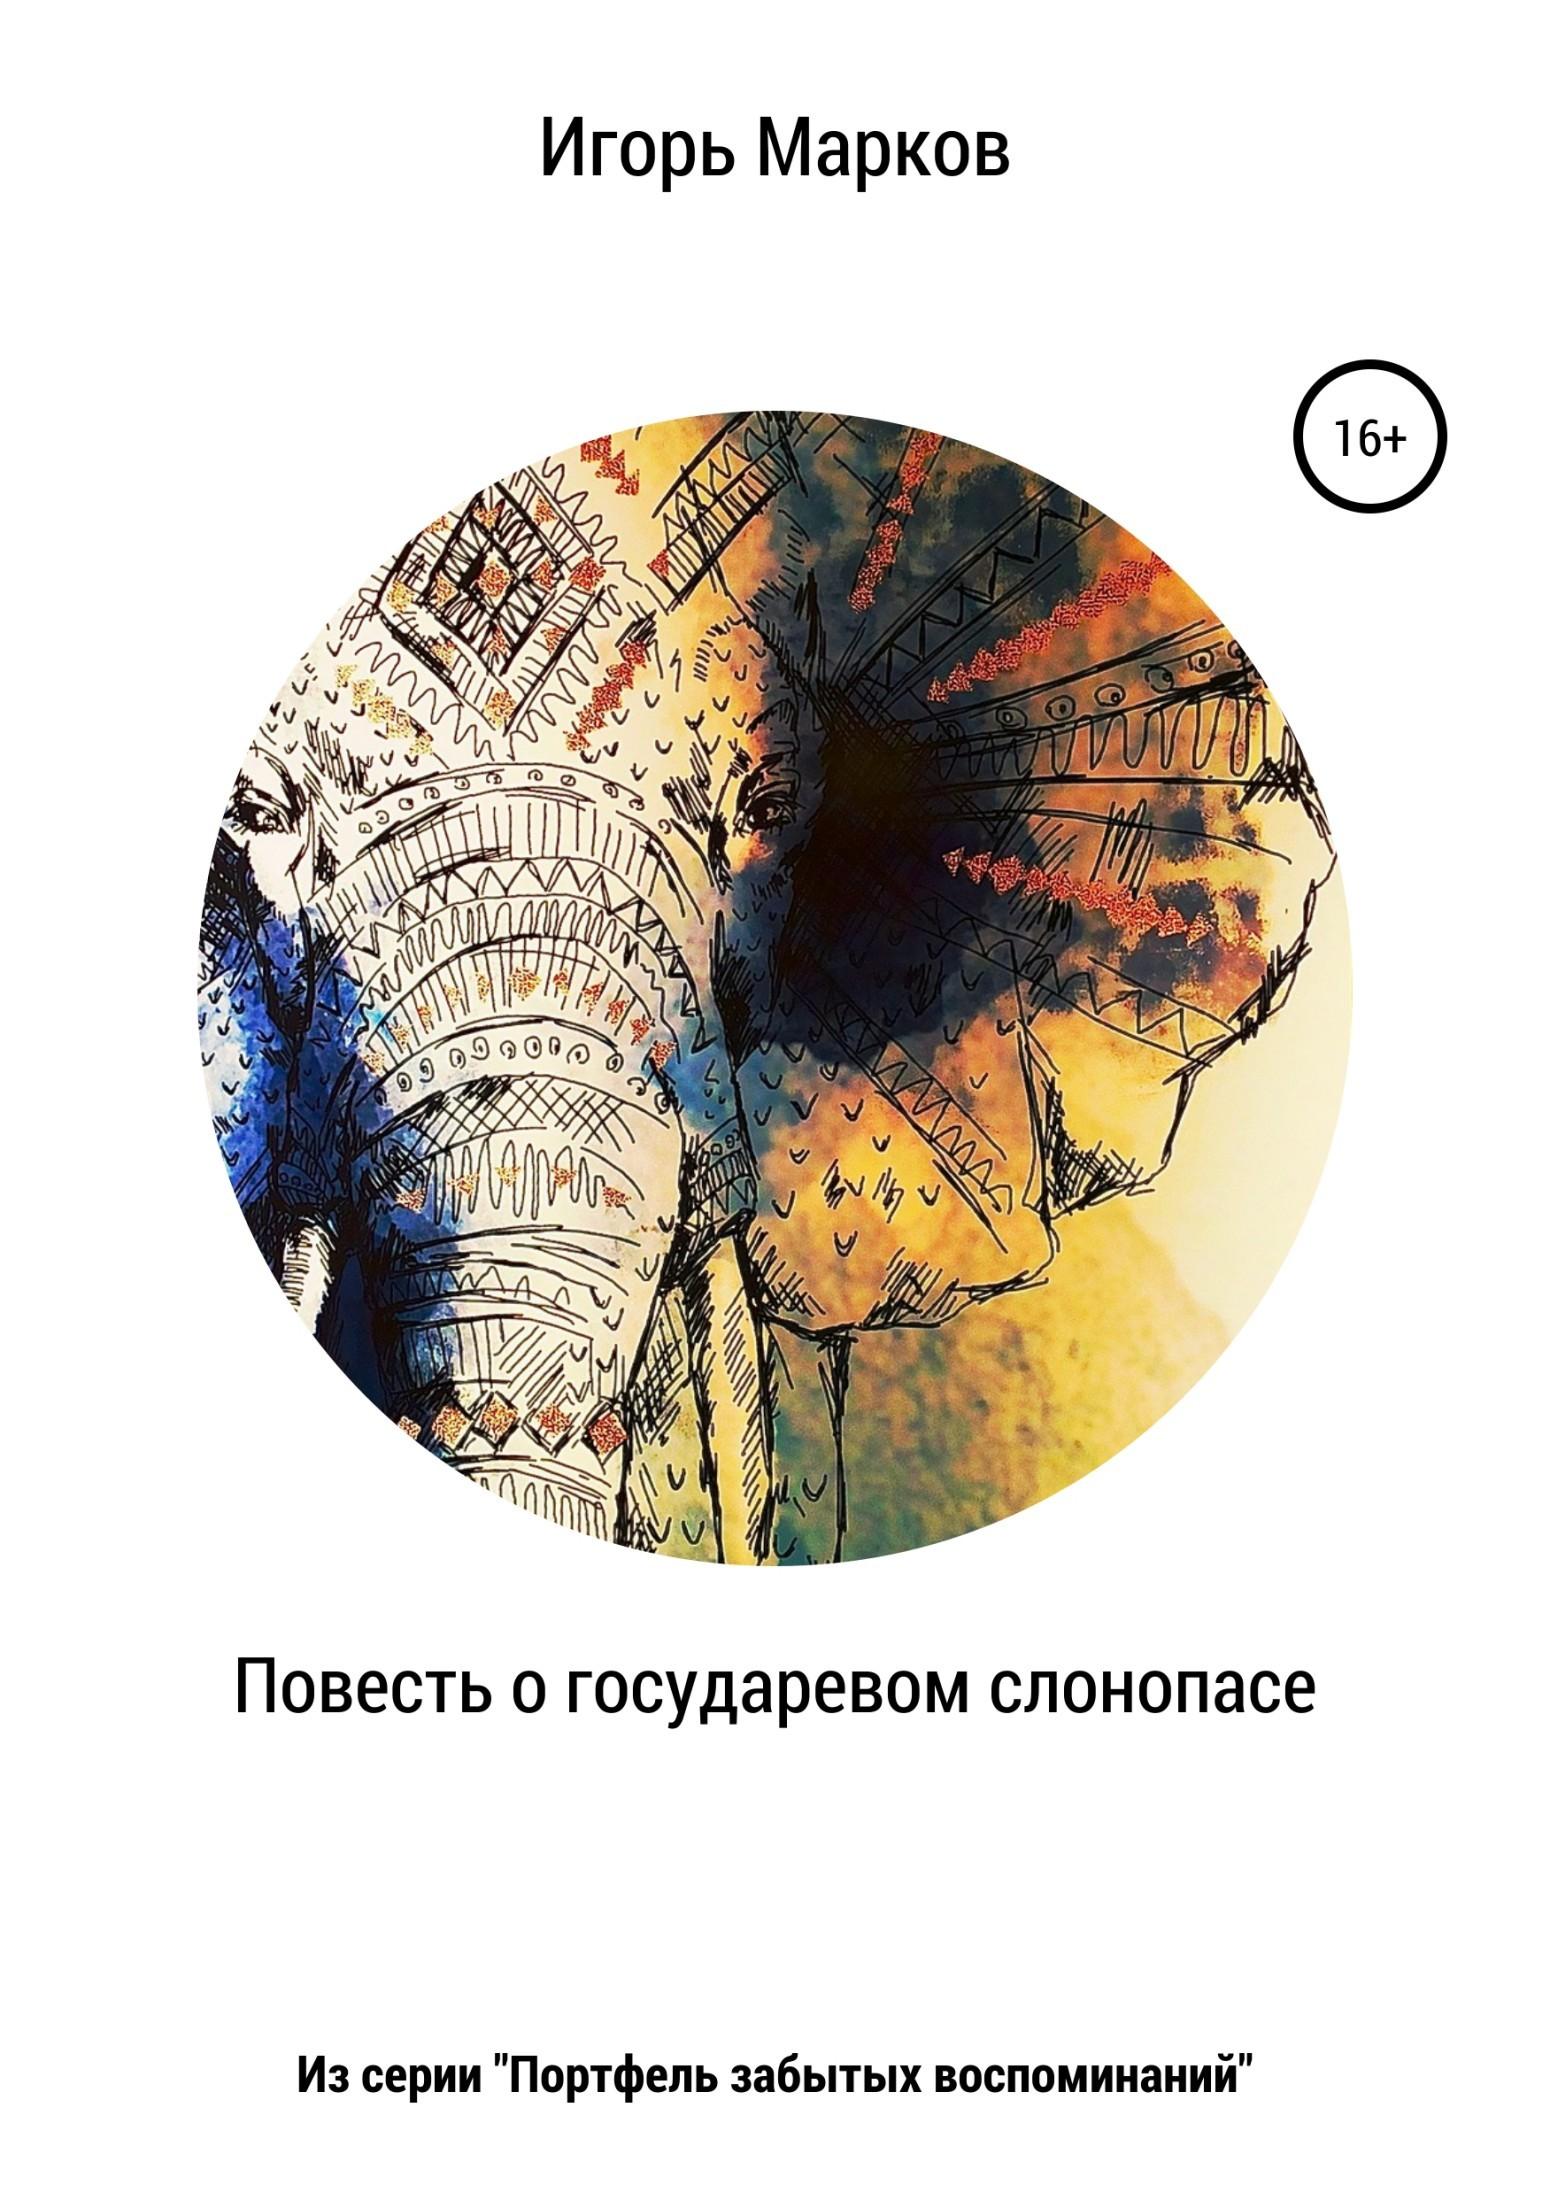 Игорь Марков - Повесть о государевом слонопасе